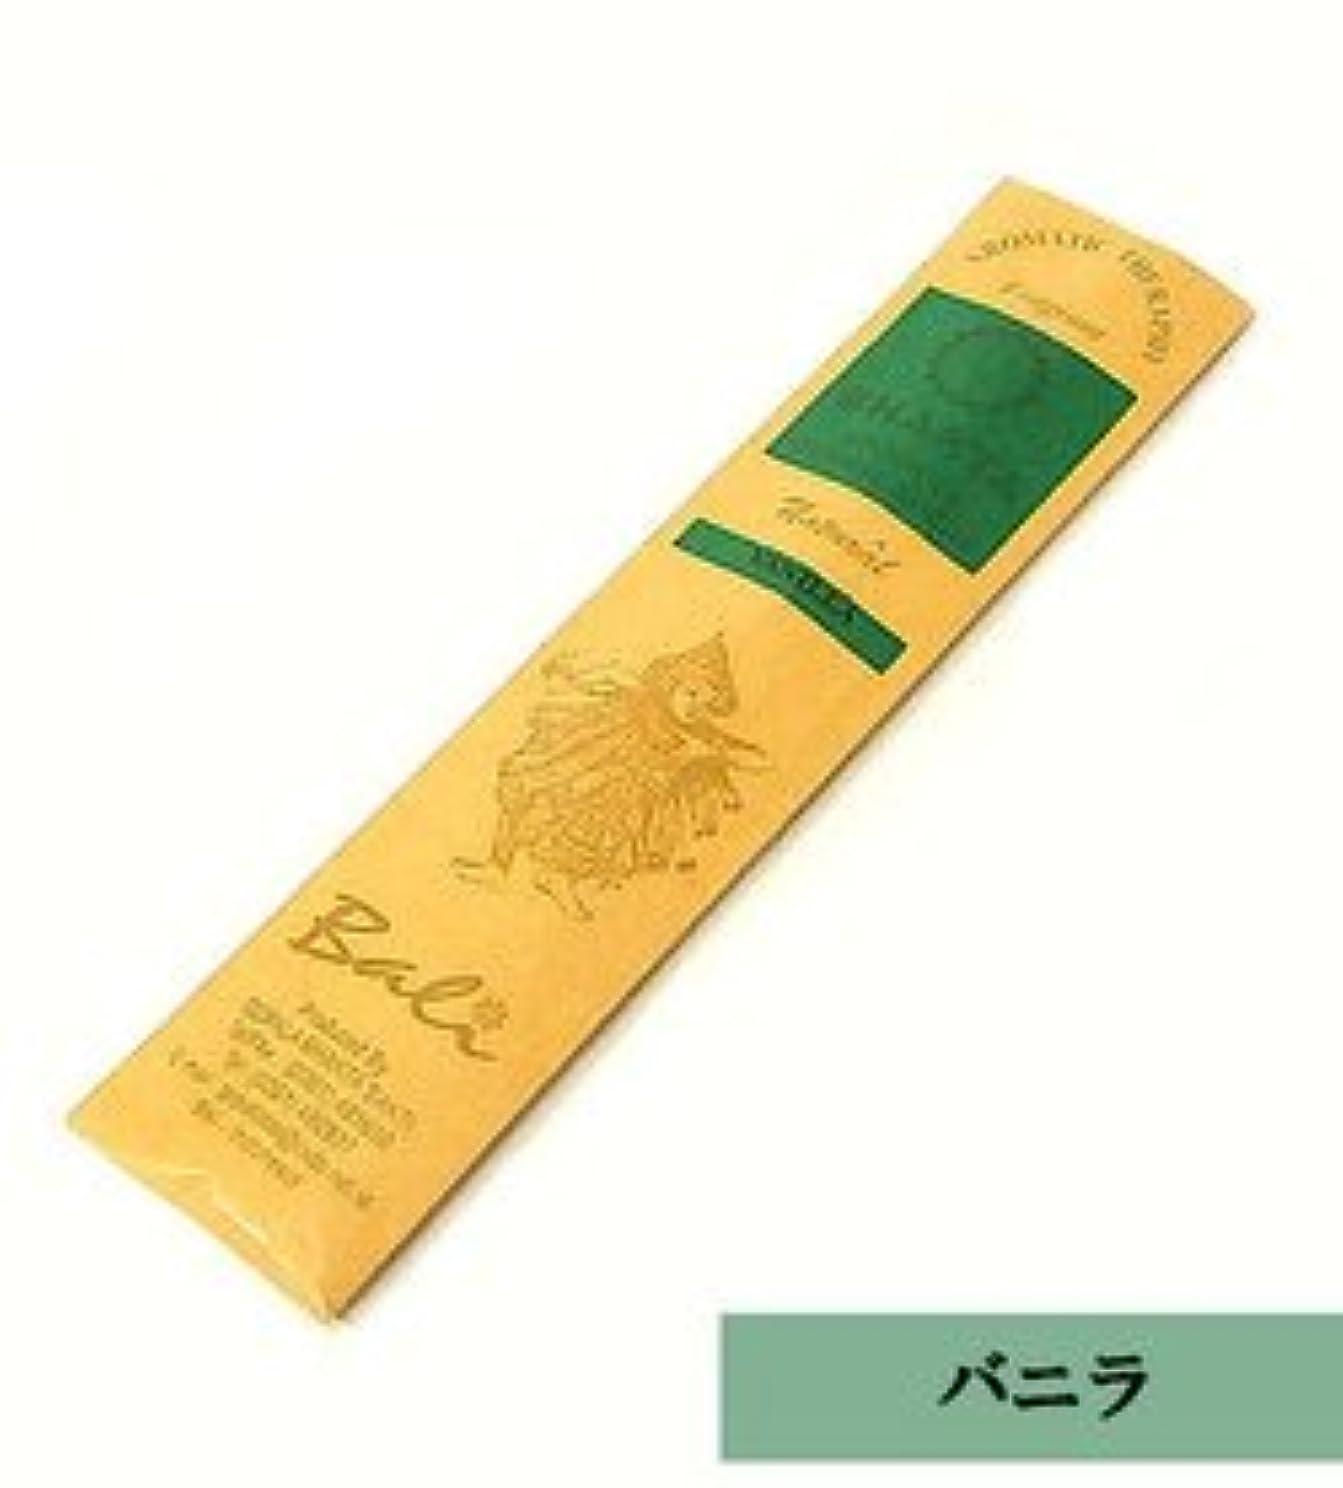 ここにアルネダニバリのお香 BHAKTA 【バニラ】 VANILLA ロングスティック 20本入り アジアン雑貨